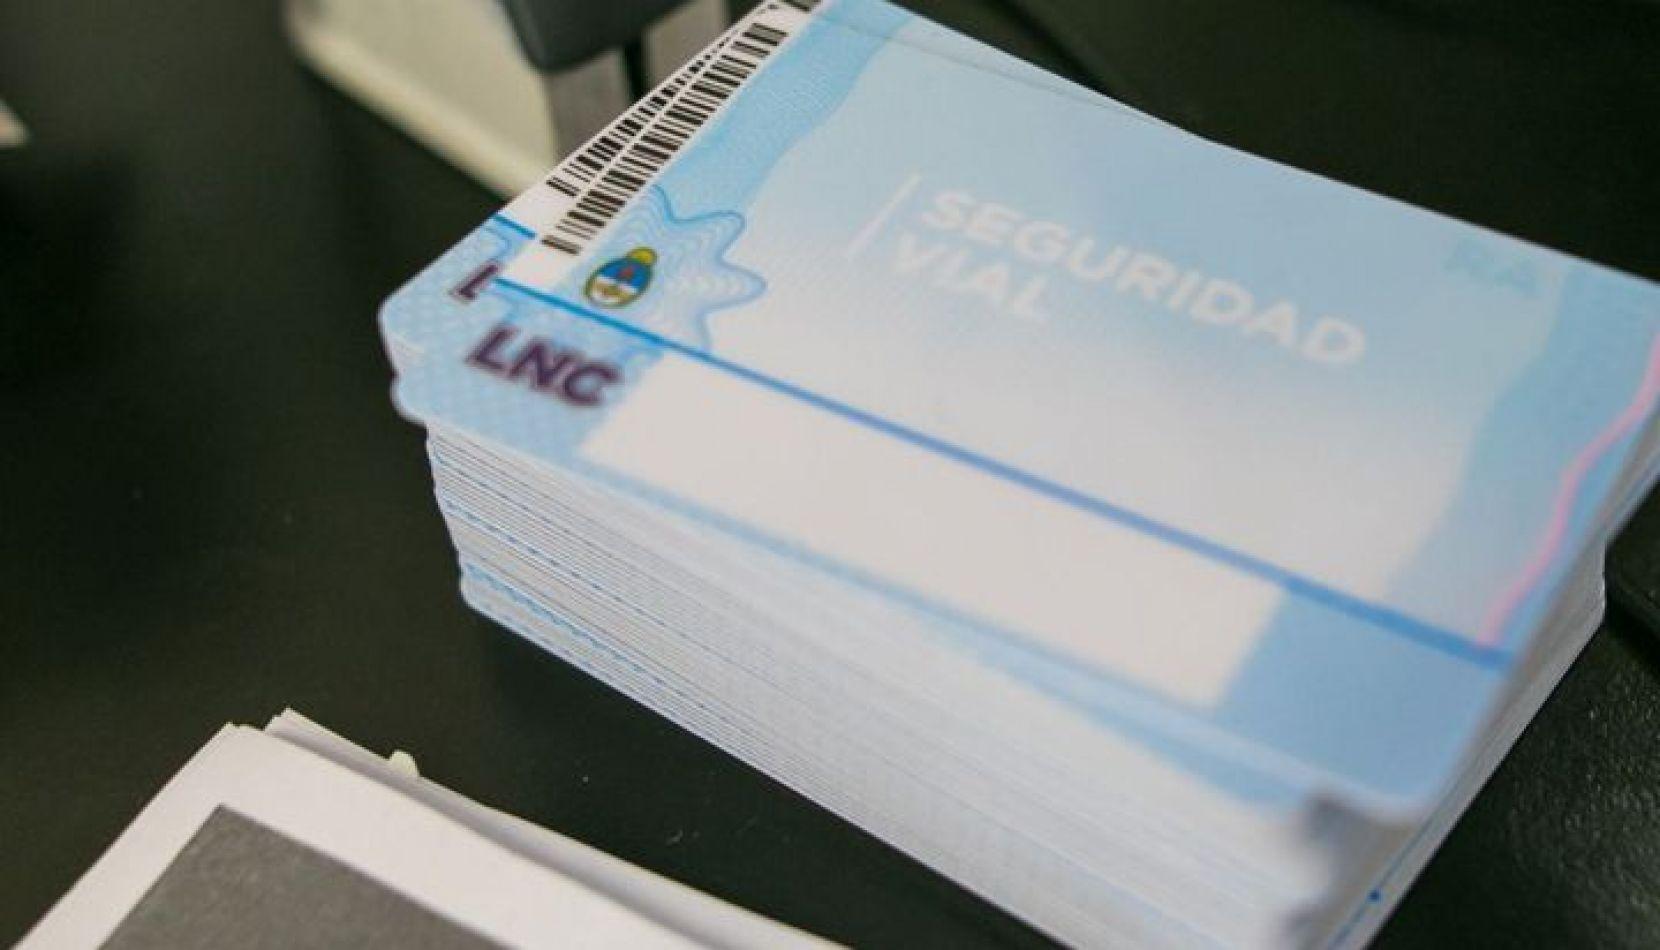 Una asociación ilícita entregaba carnet de conducir